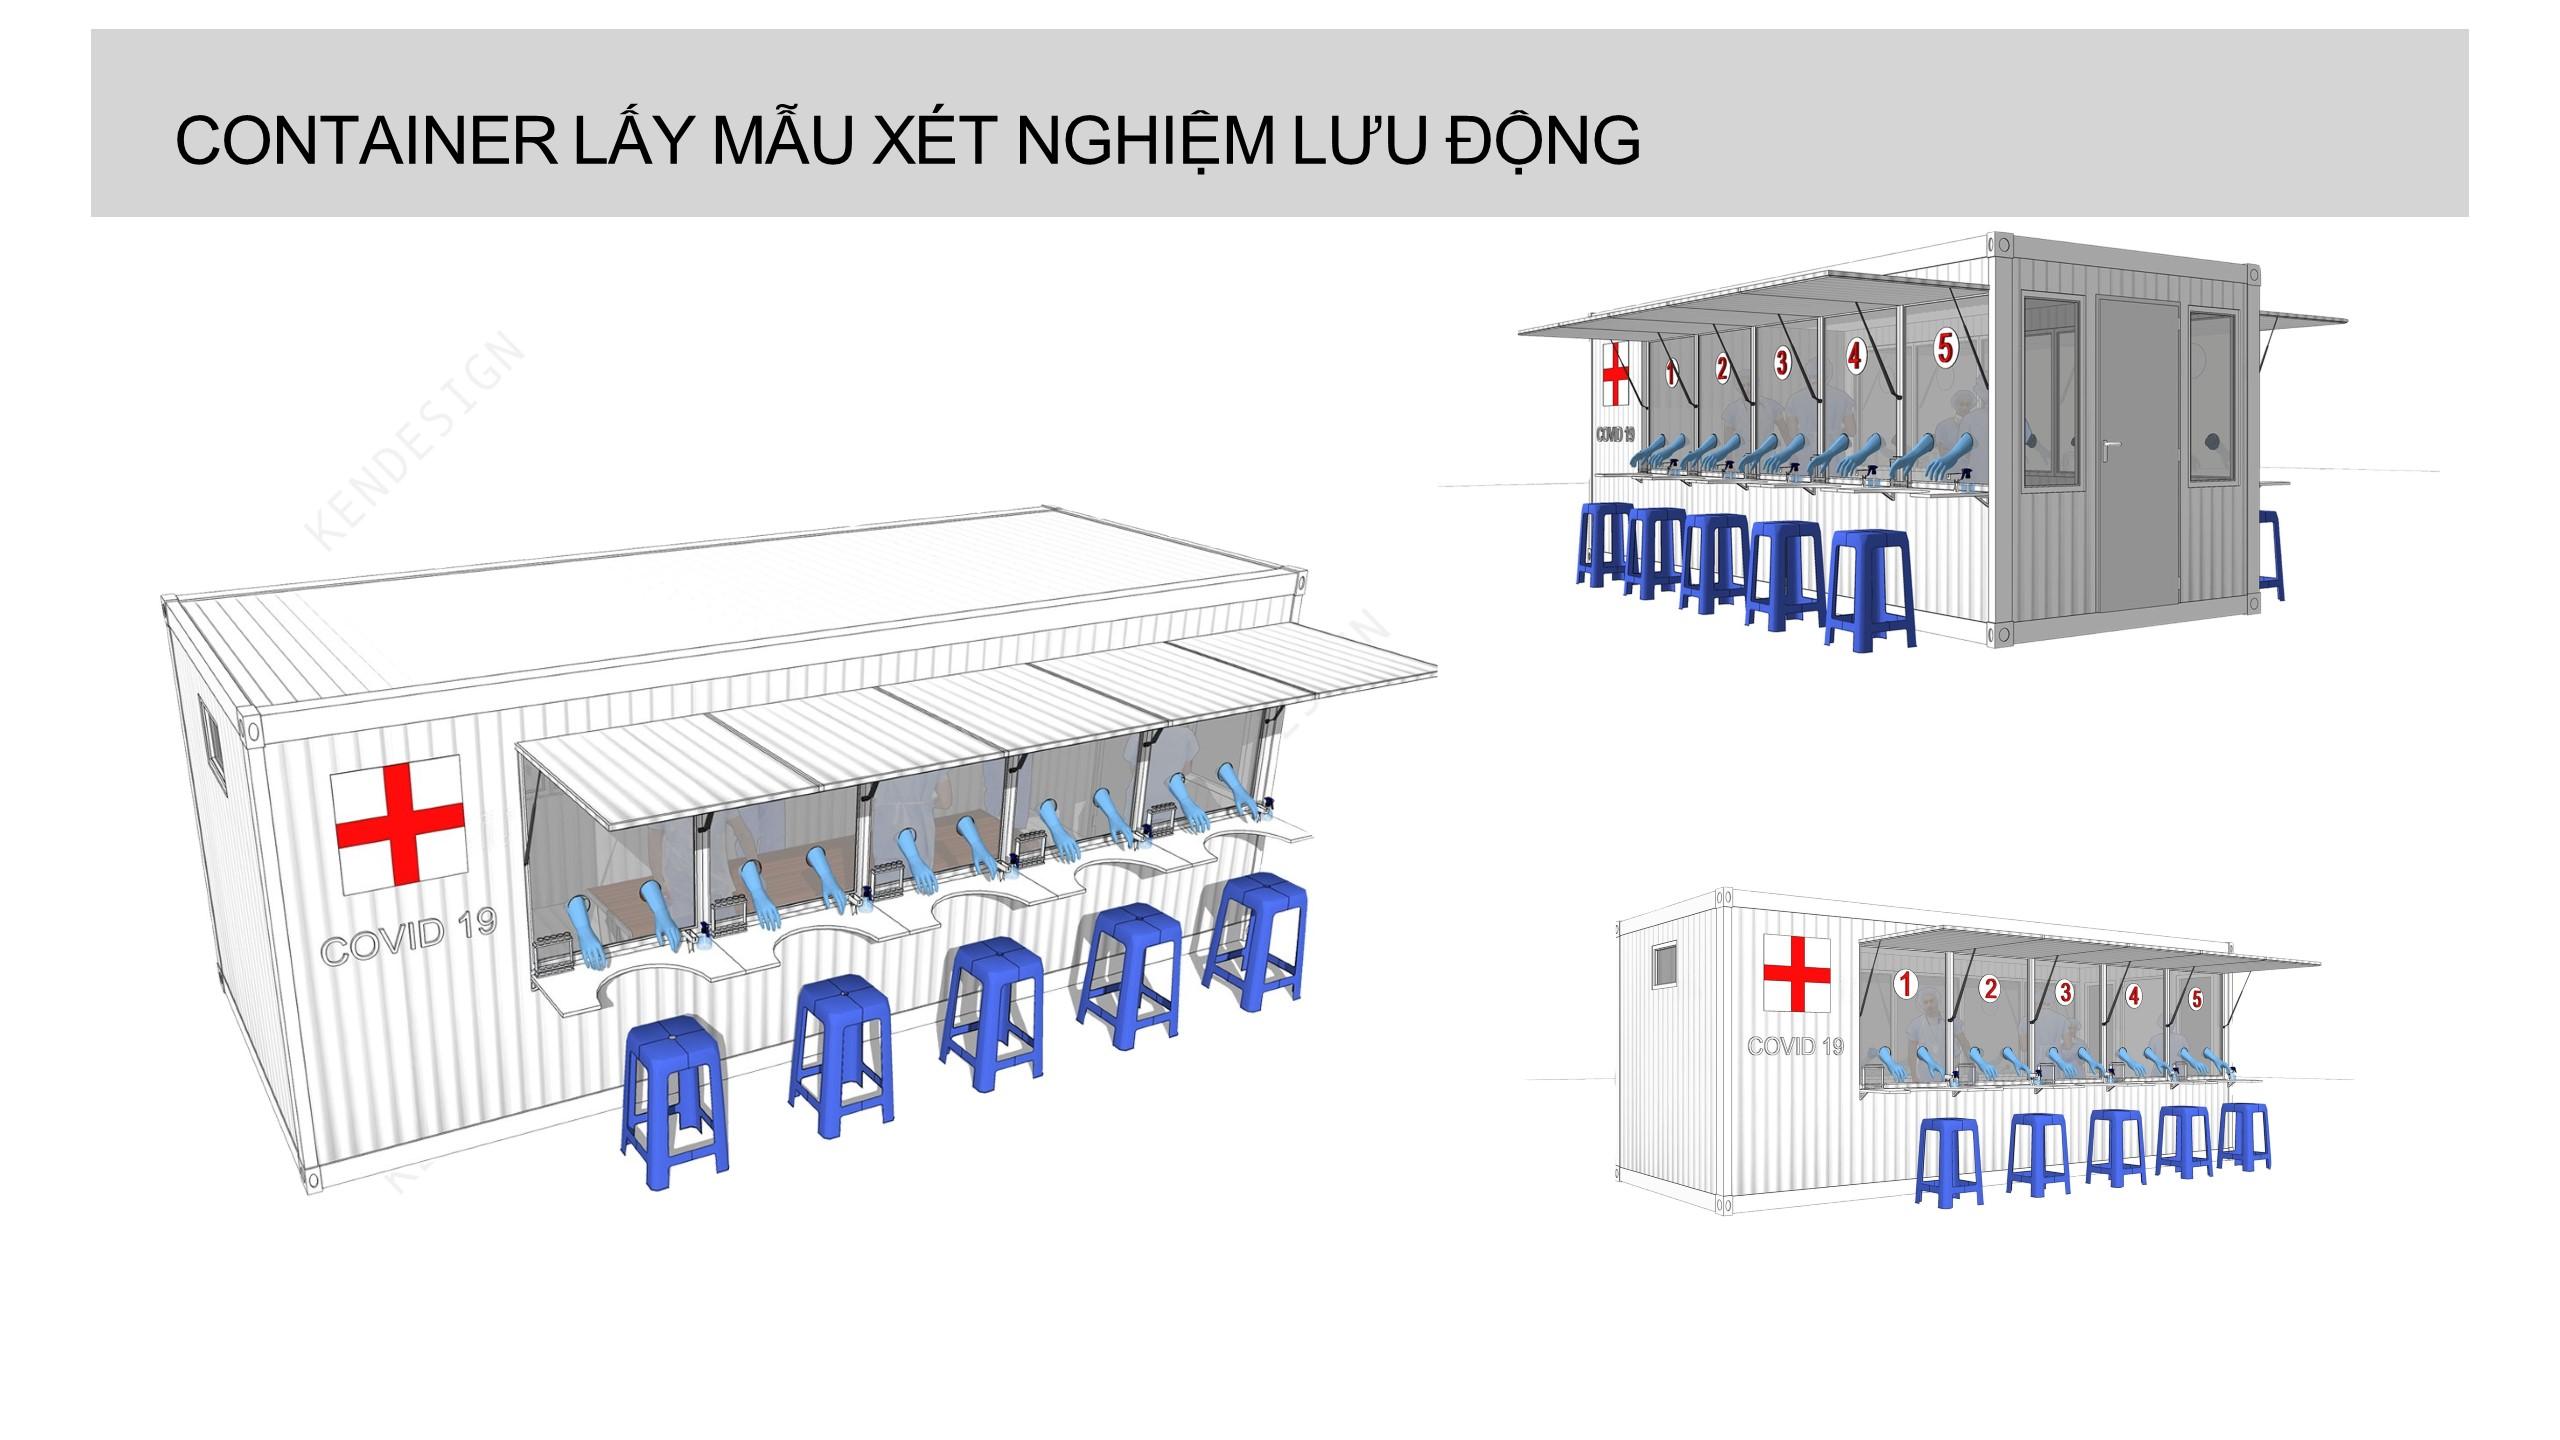 Thiết kế container lấy mẫu xét nghiệm lưu động phục vụ công tác chống dịch Covid 19